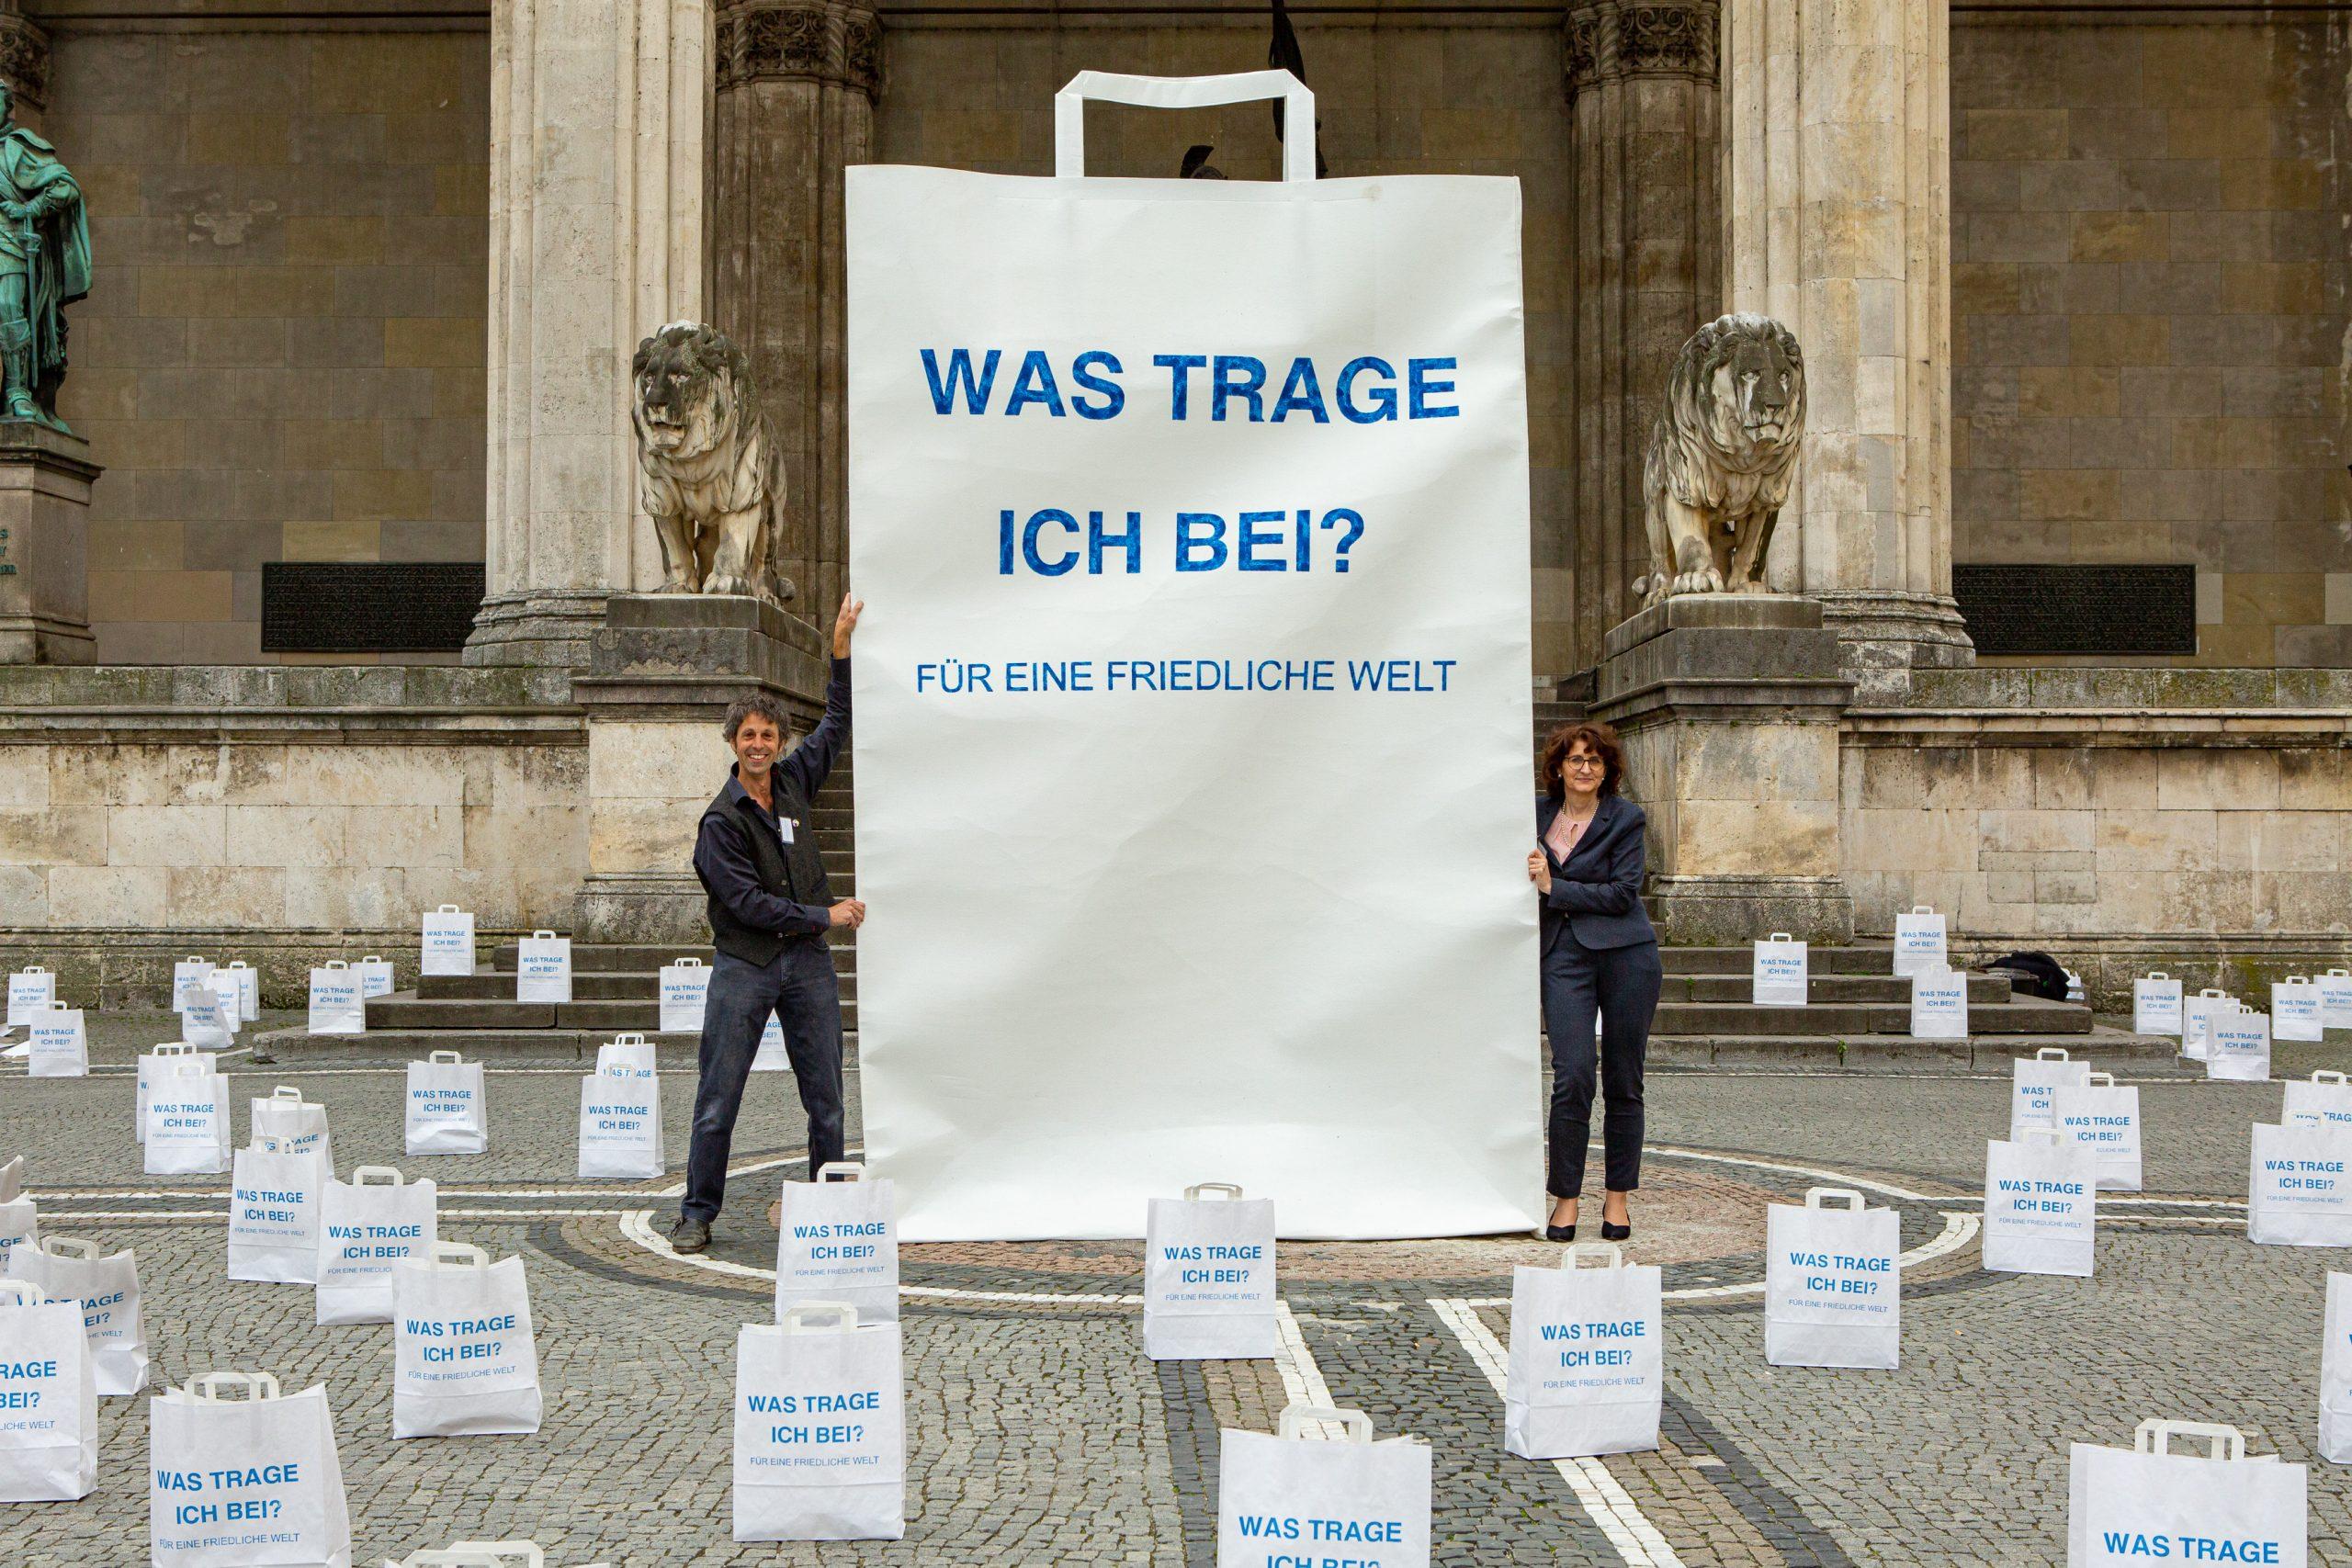 Die Kunstinstallation des Projekts Frieden Leben. Eine große Papiertüte in einem Meer aus kleinen Papiertütenallesamt bedruckt mit der Frage Was trage ich bei? Für eine friedliche Welt. Links und rechts ein Mann und eine Frau.